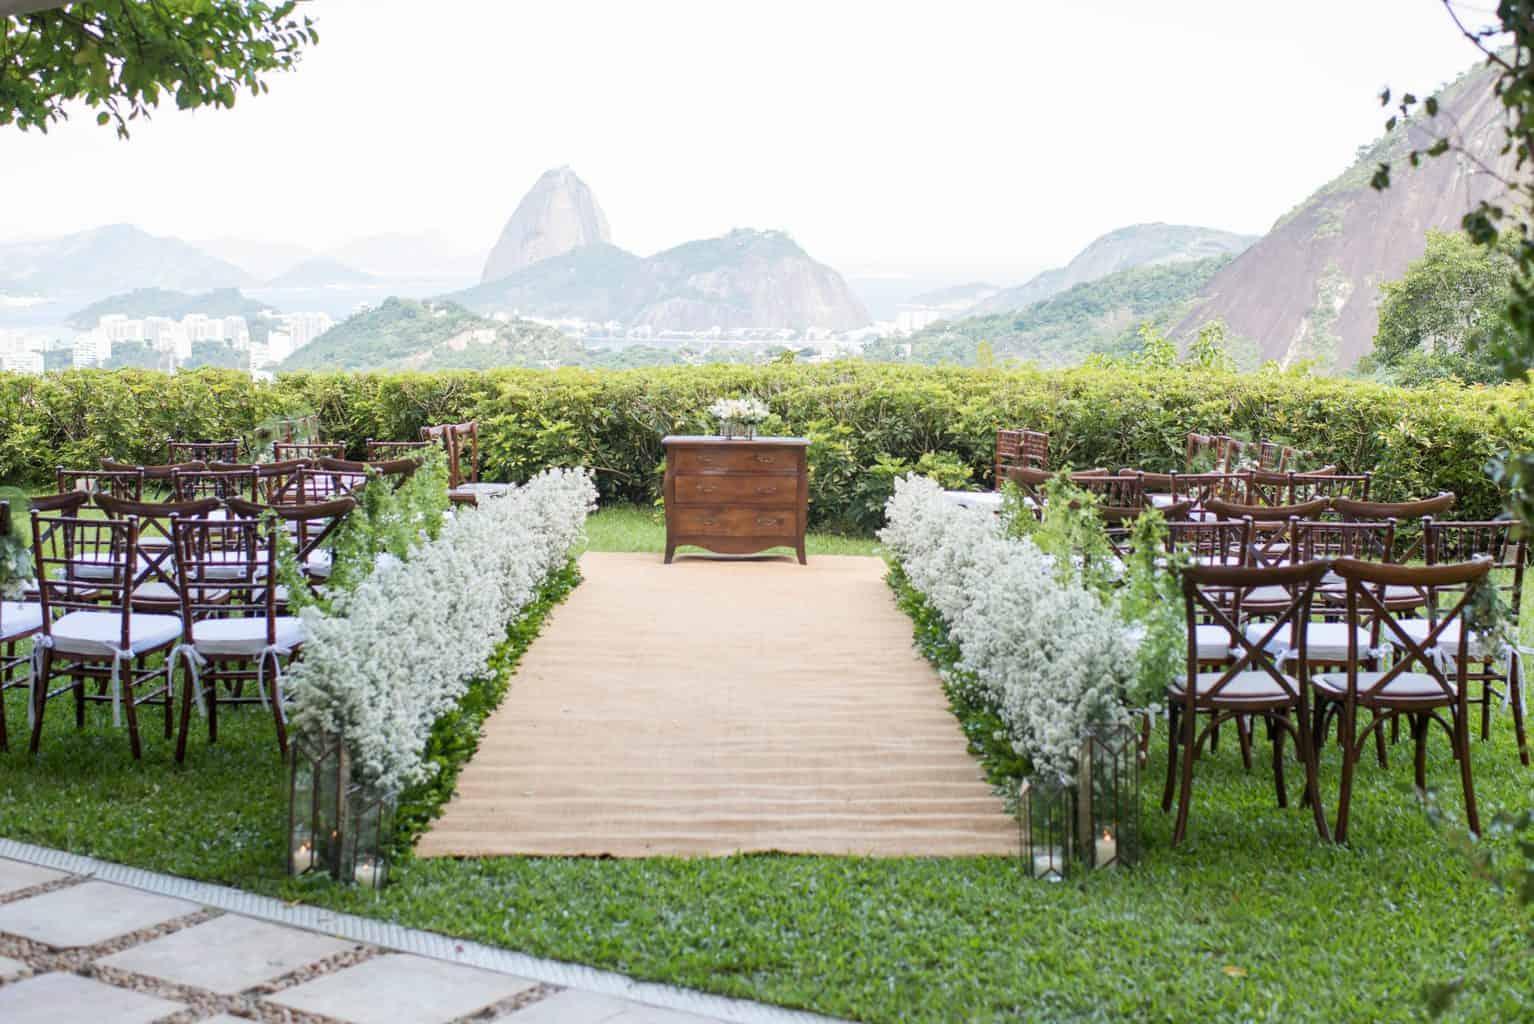 Casa-de-Santa-Teresa-Daniela-e-Juan-Destination-Wedding-Mariana-Nogueira-Decor-Marina-Fava-Fotografia-Thais-de-Carvalho-Dias-CaseMe-22